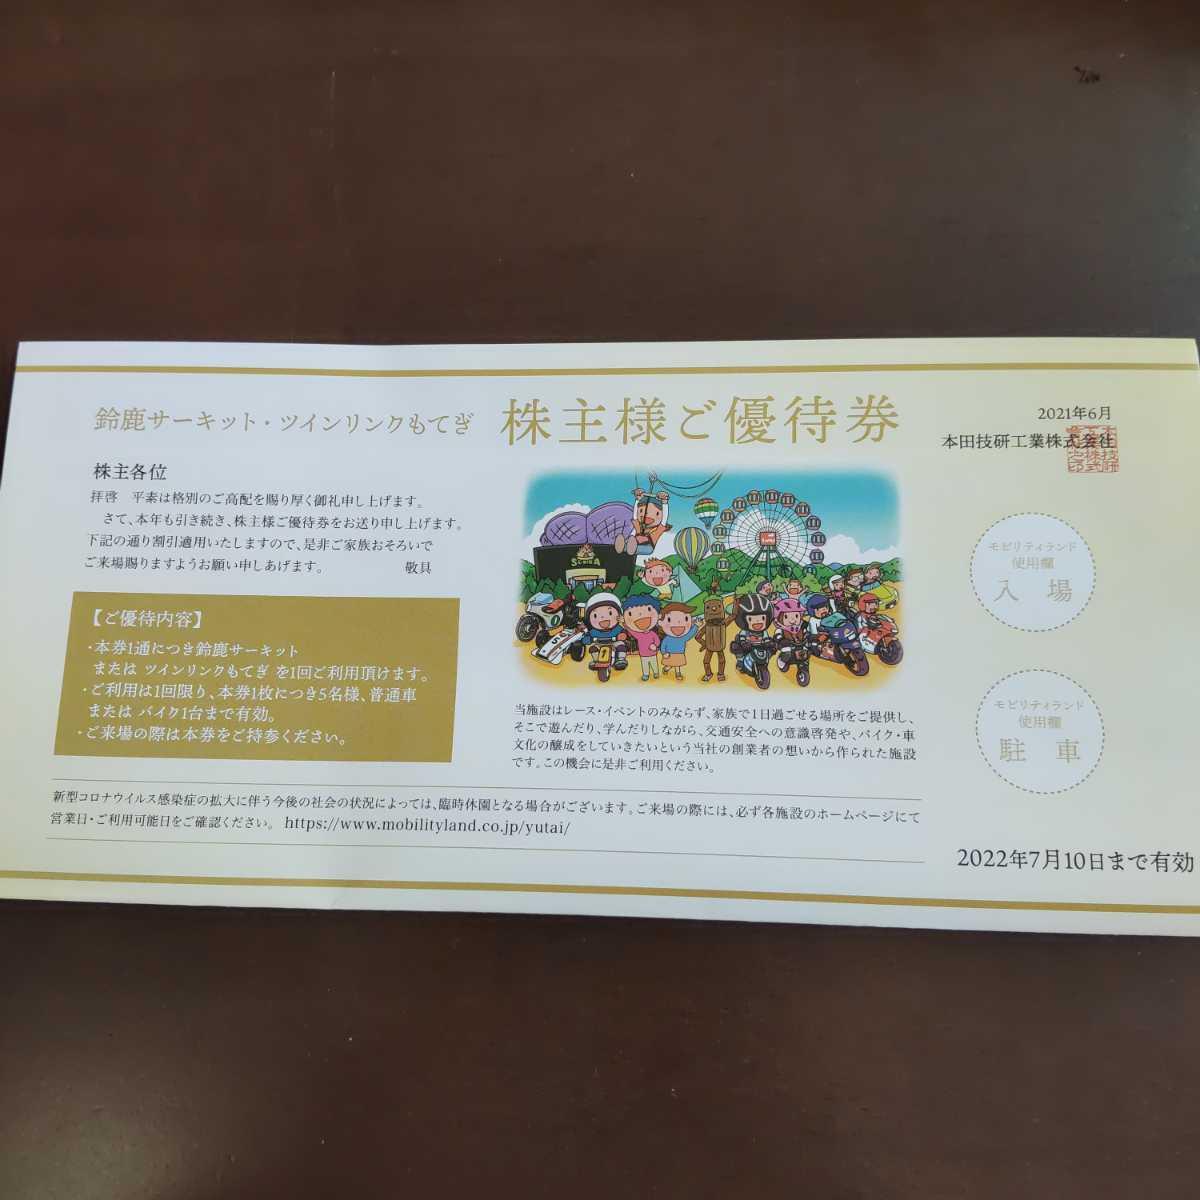 【送料無料】本田技研工業 株主優待券 鈴鹿サーキット ツインリンクもてぎ 1枚 ホンダ_画像1